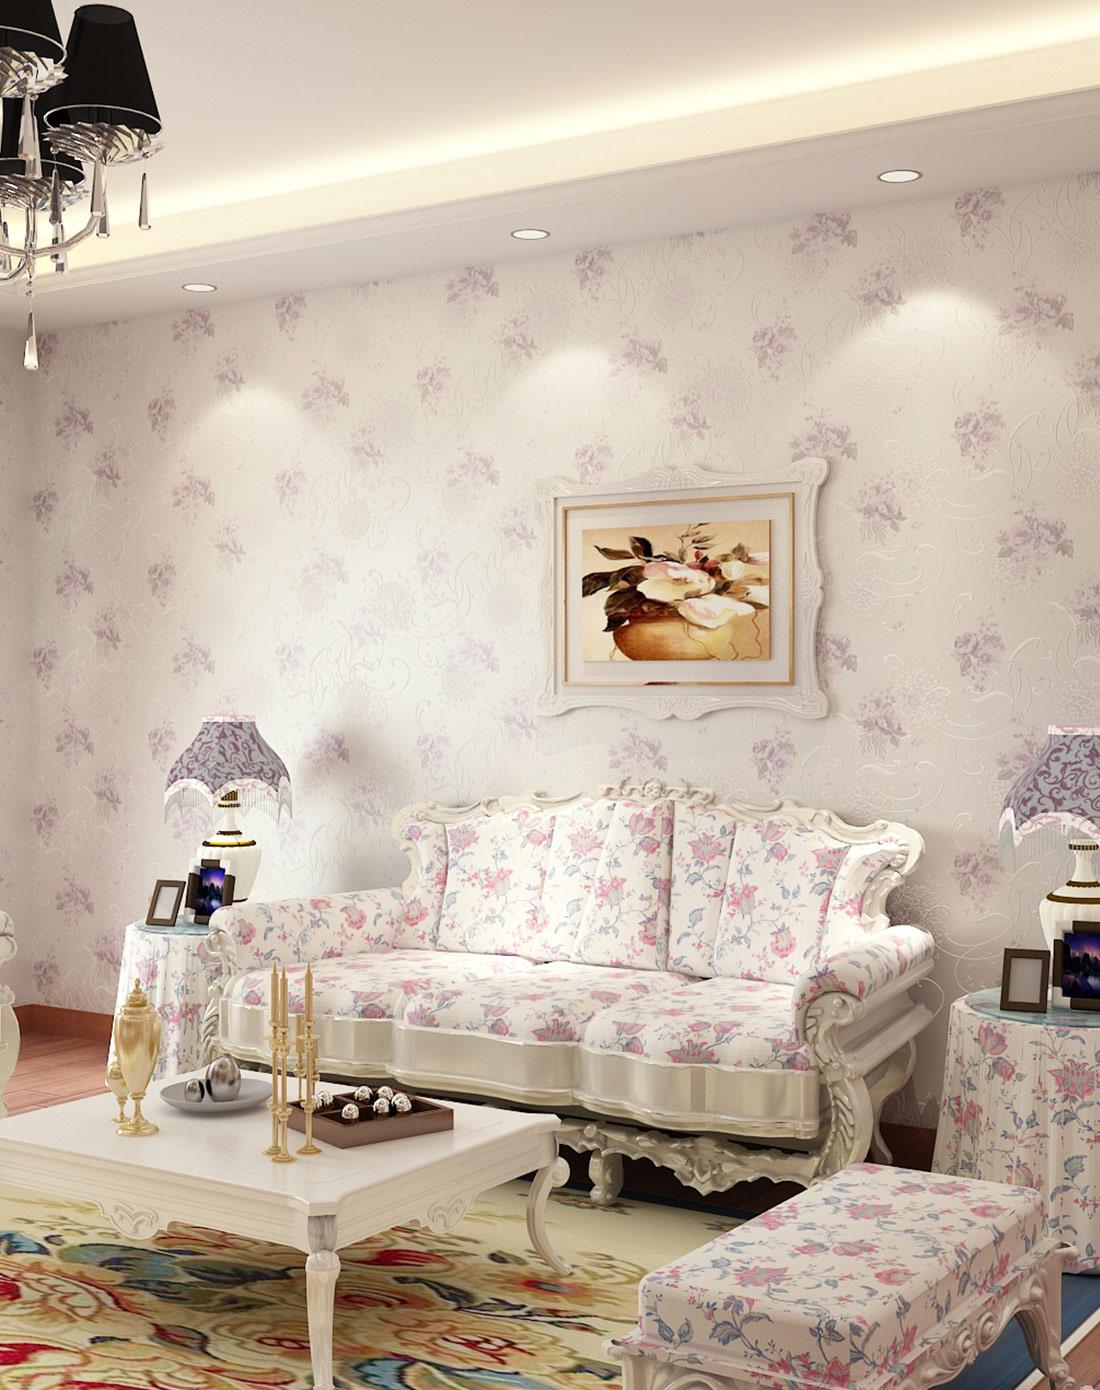 田园无纺布墙纸 卧室壁纸背景墙